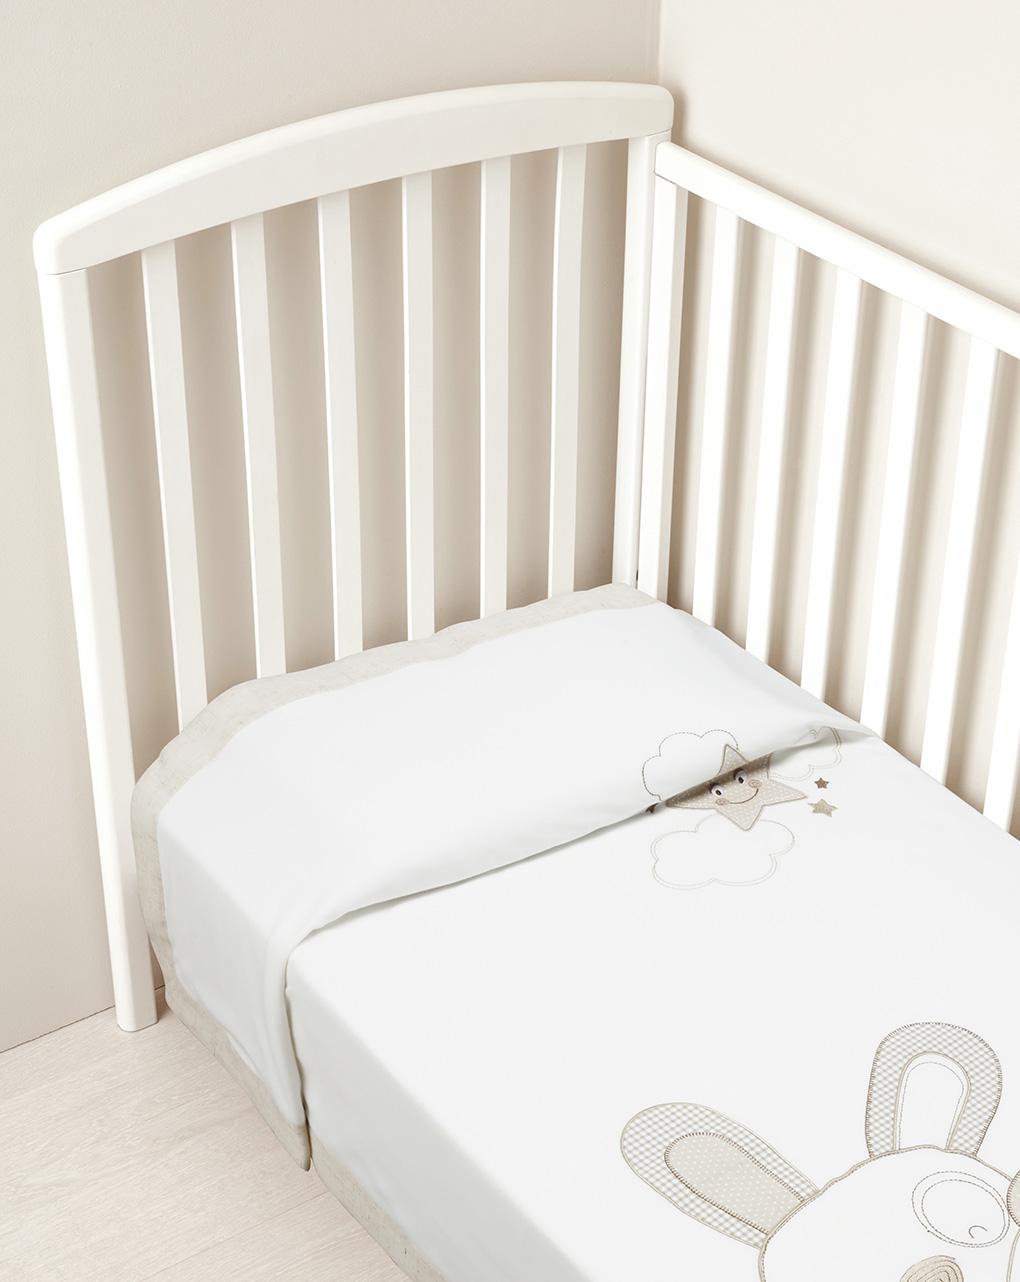 Καλοκαιρινή Κουβέρτα για Κρεβάτι Λευκό - Μπεζ με Ζωάκια